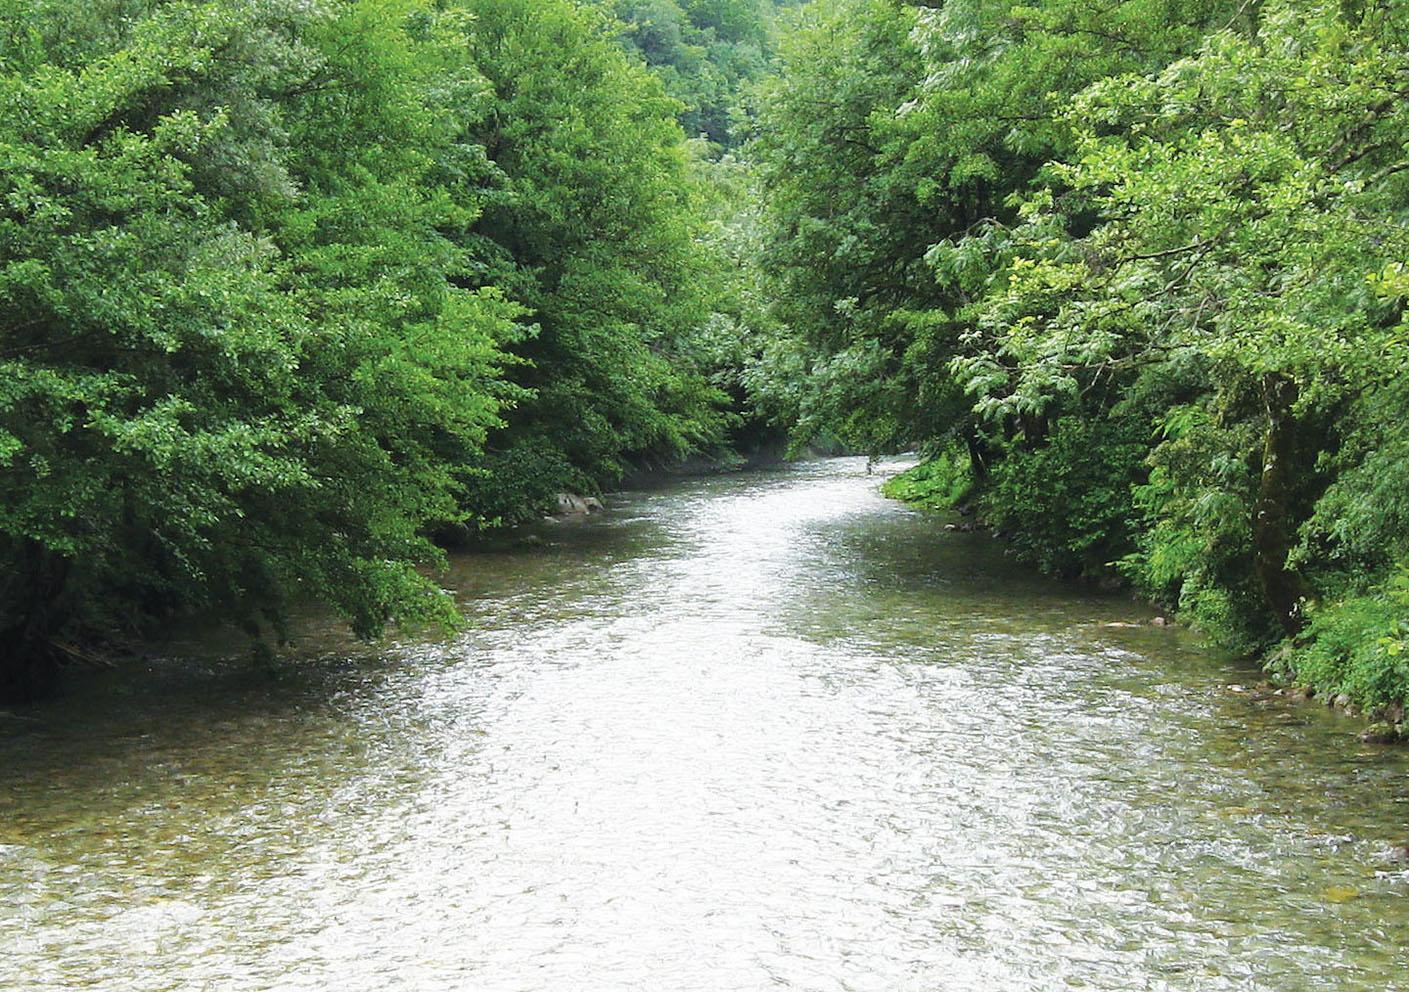 Raspisan javni poziv za dostavljanje ponuda: Izgradnja mjera za zaštitu od poplava u Milićima